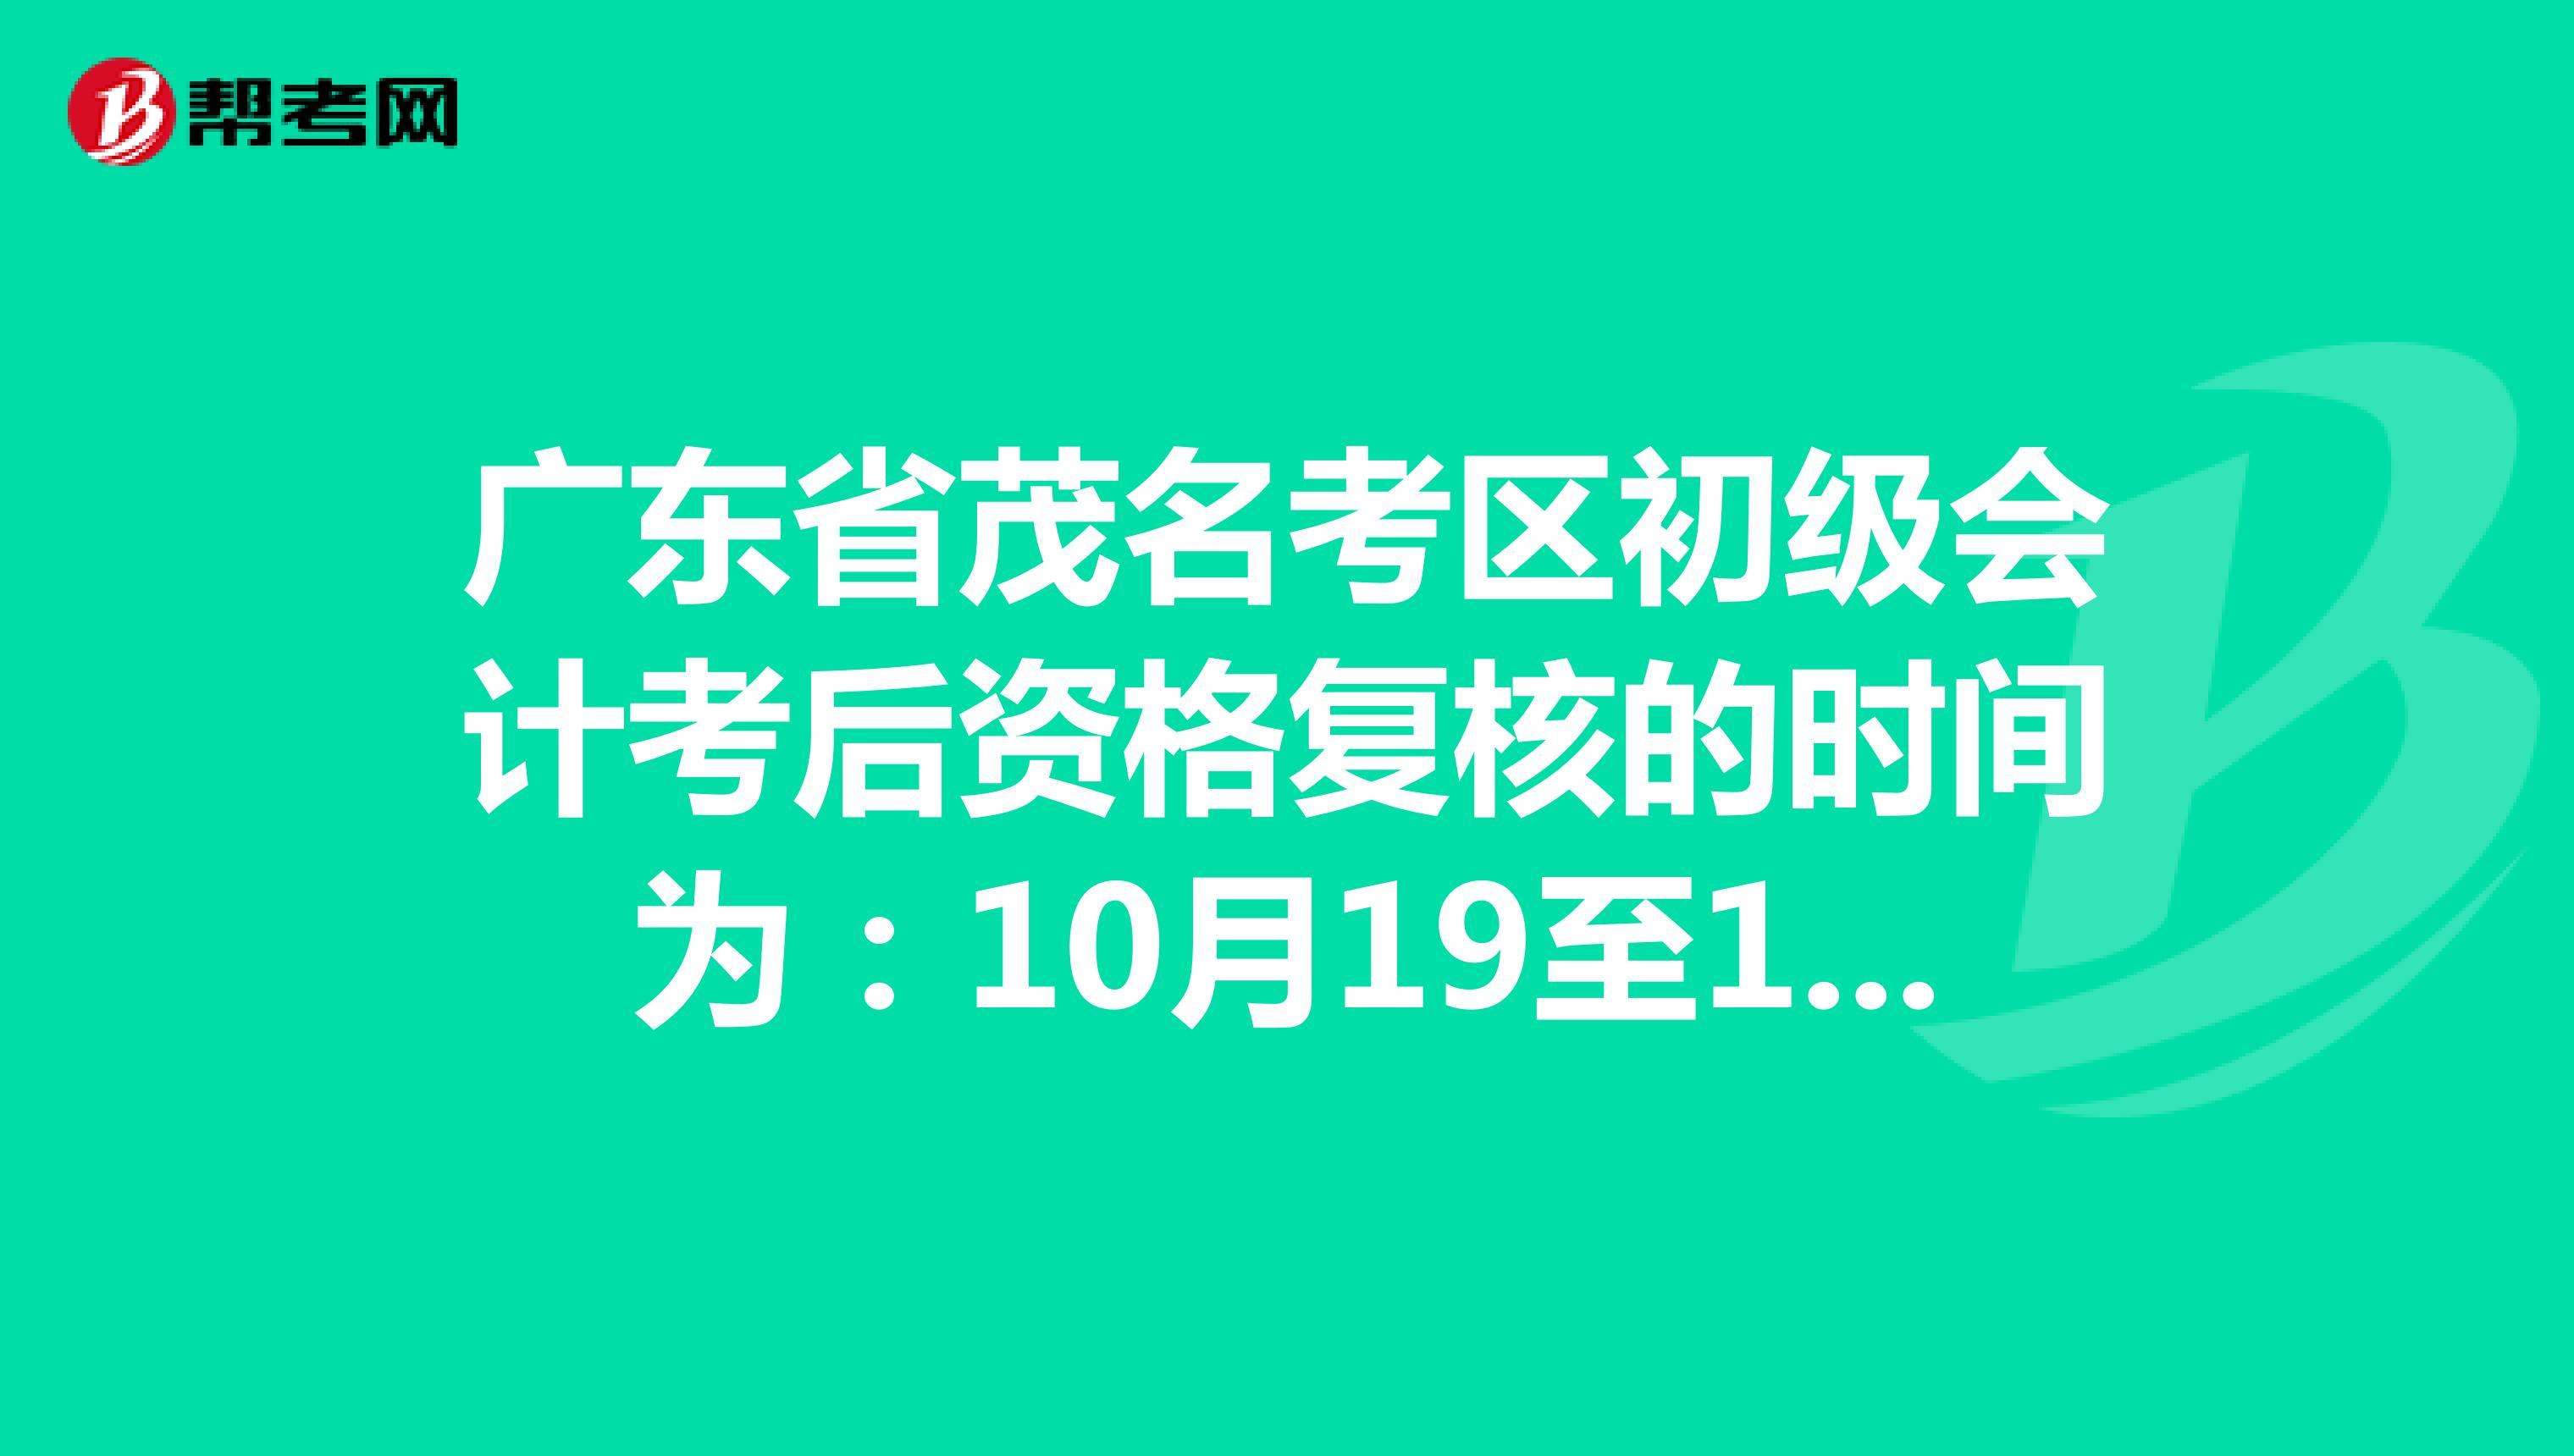 广东省茂名考区初级会计考后资格复核的时间为:10月19至10月30日!